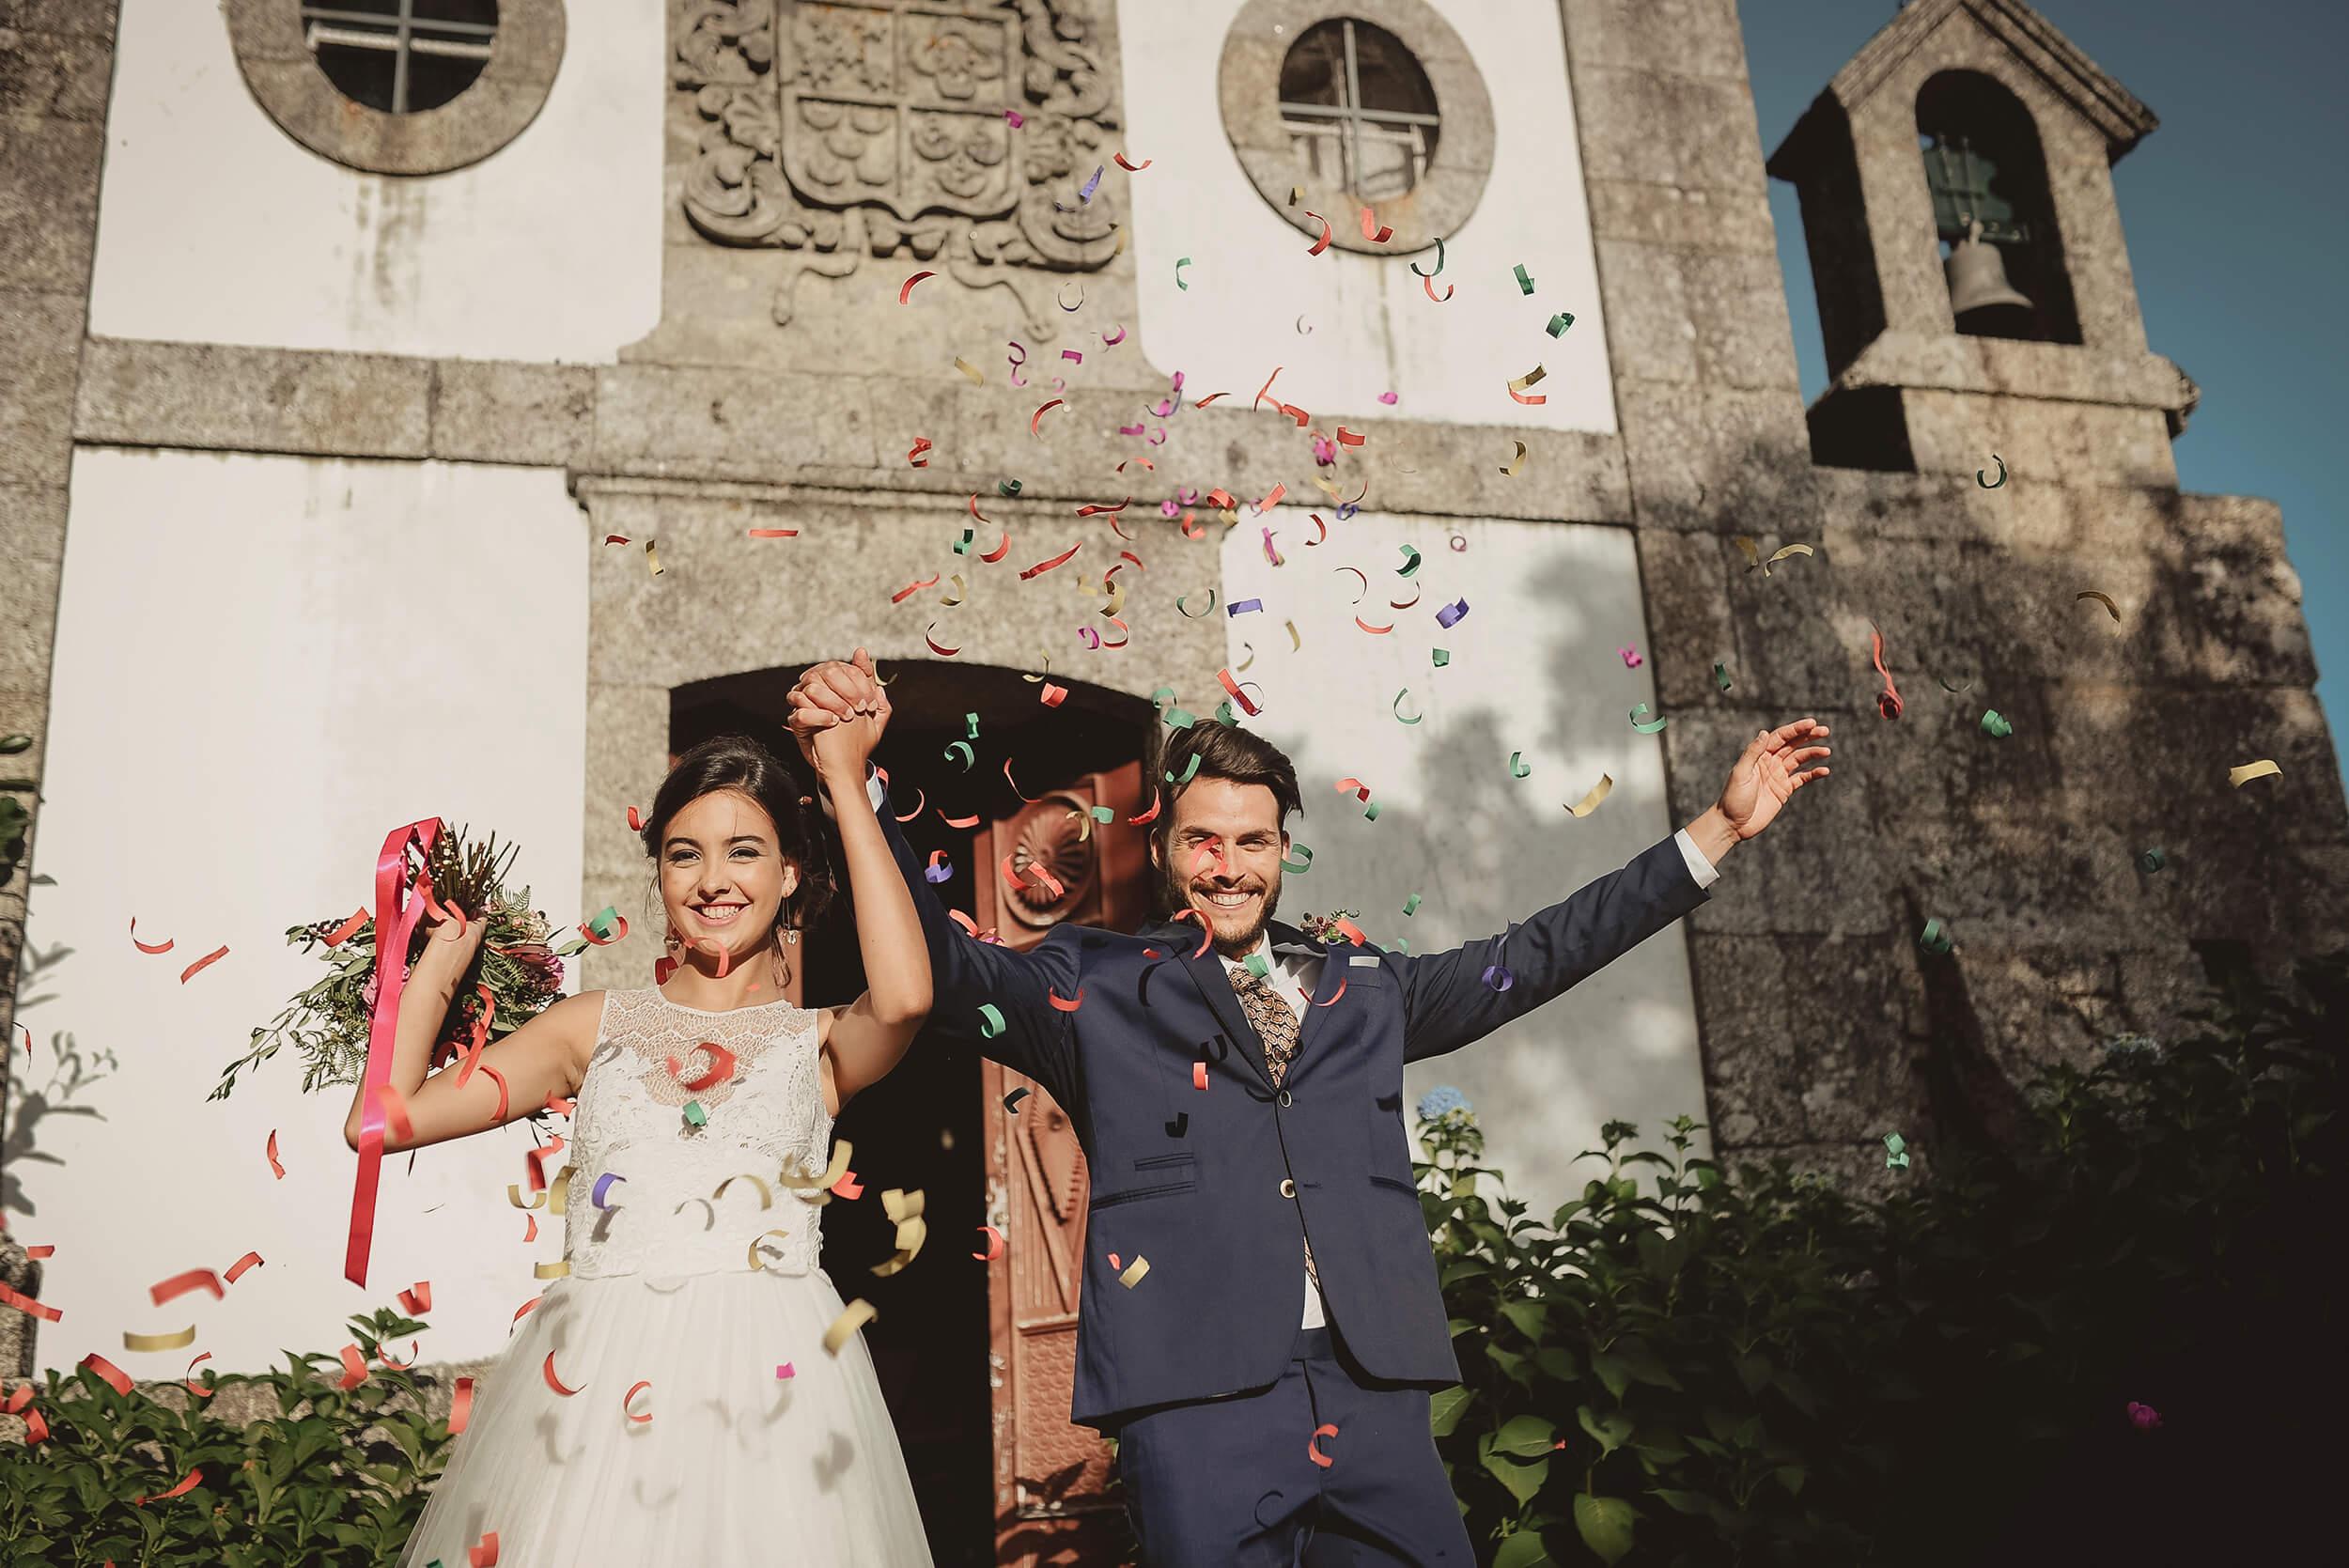 roma-organizacao-eventos-editorial-casamento-colorful-wedding-38